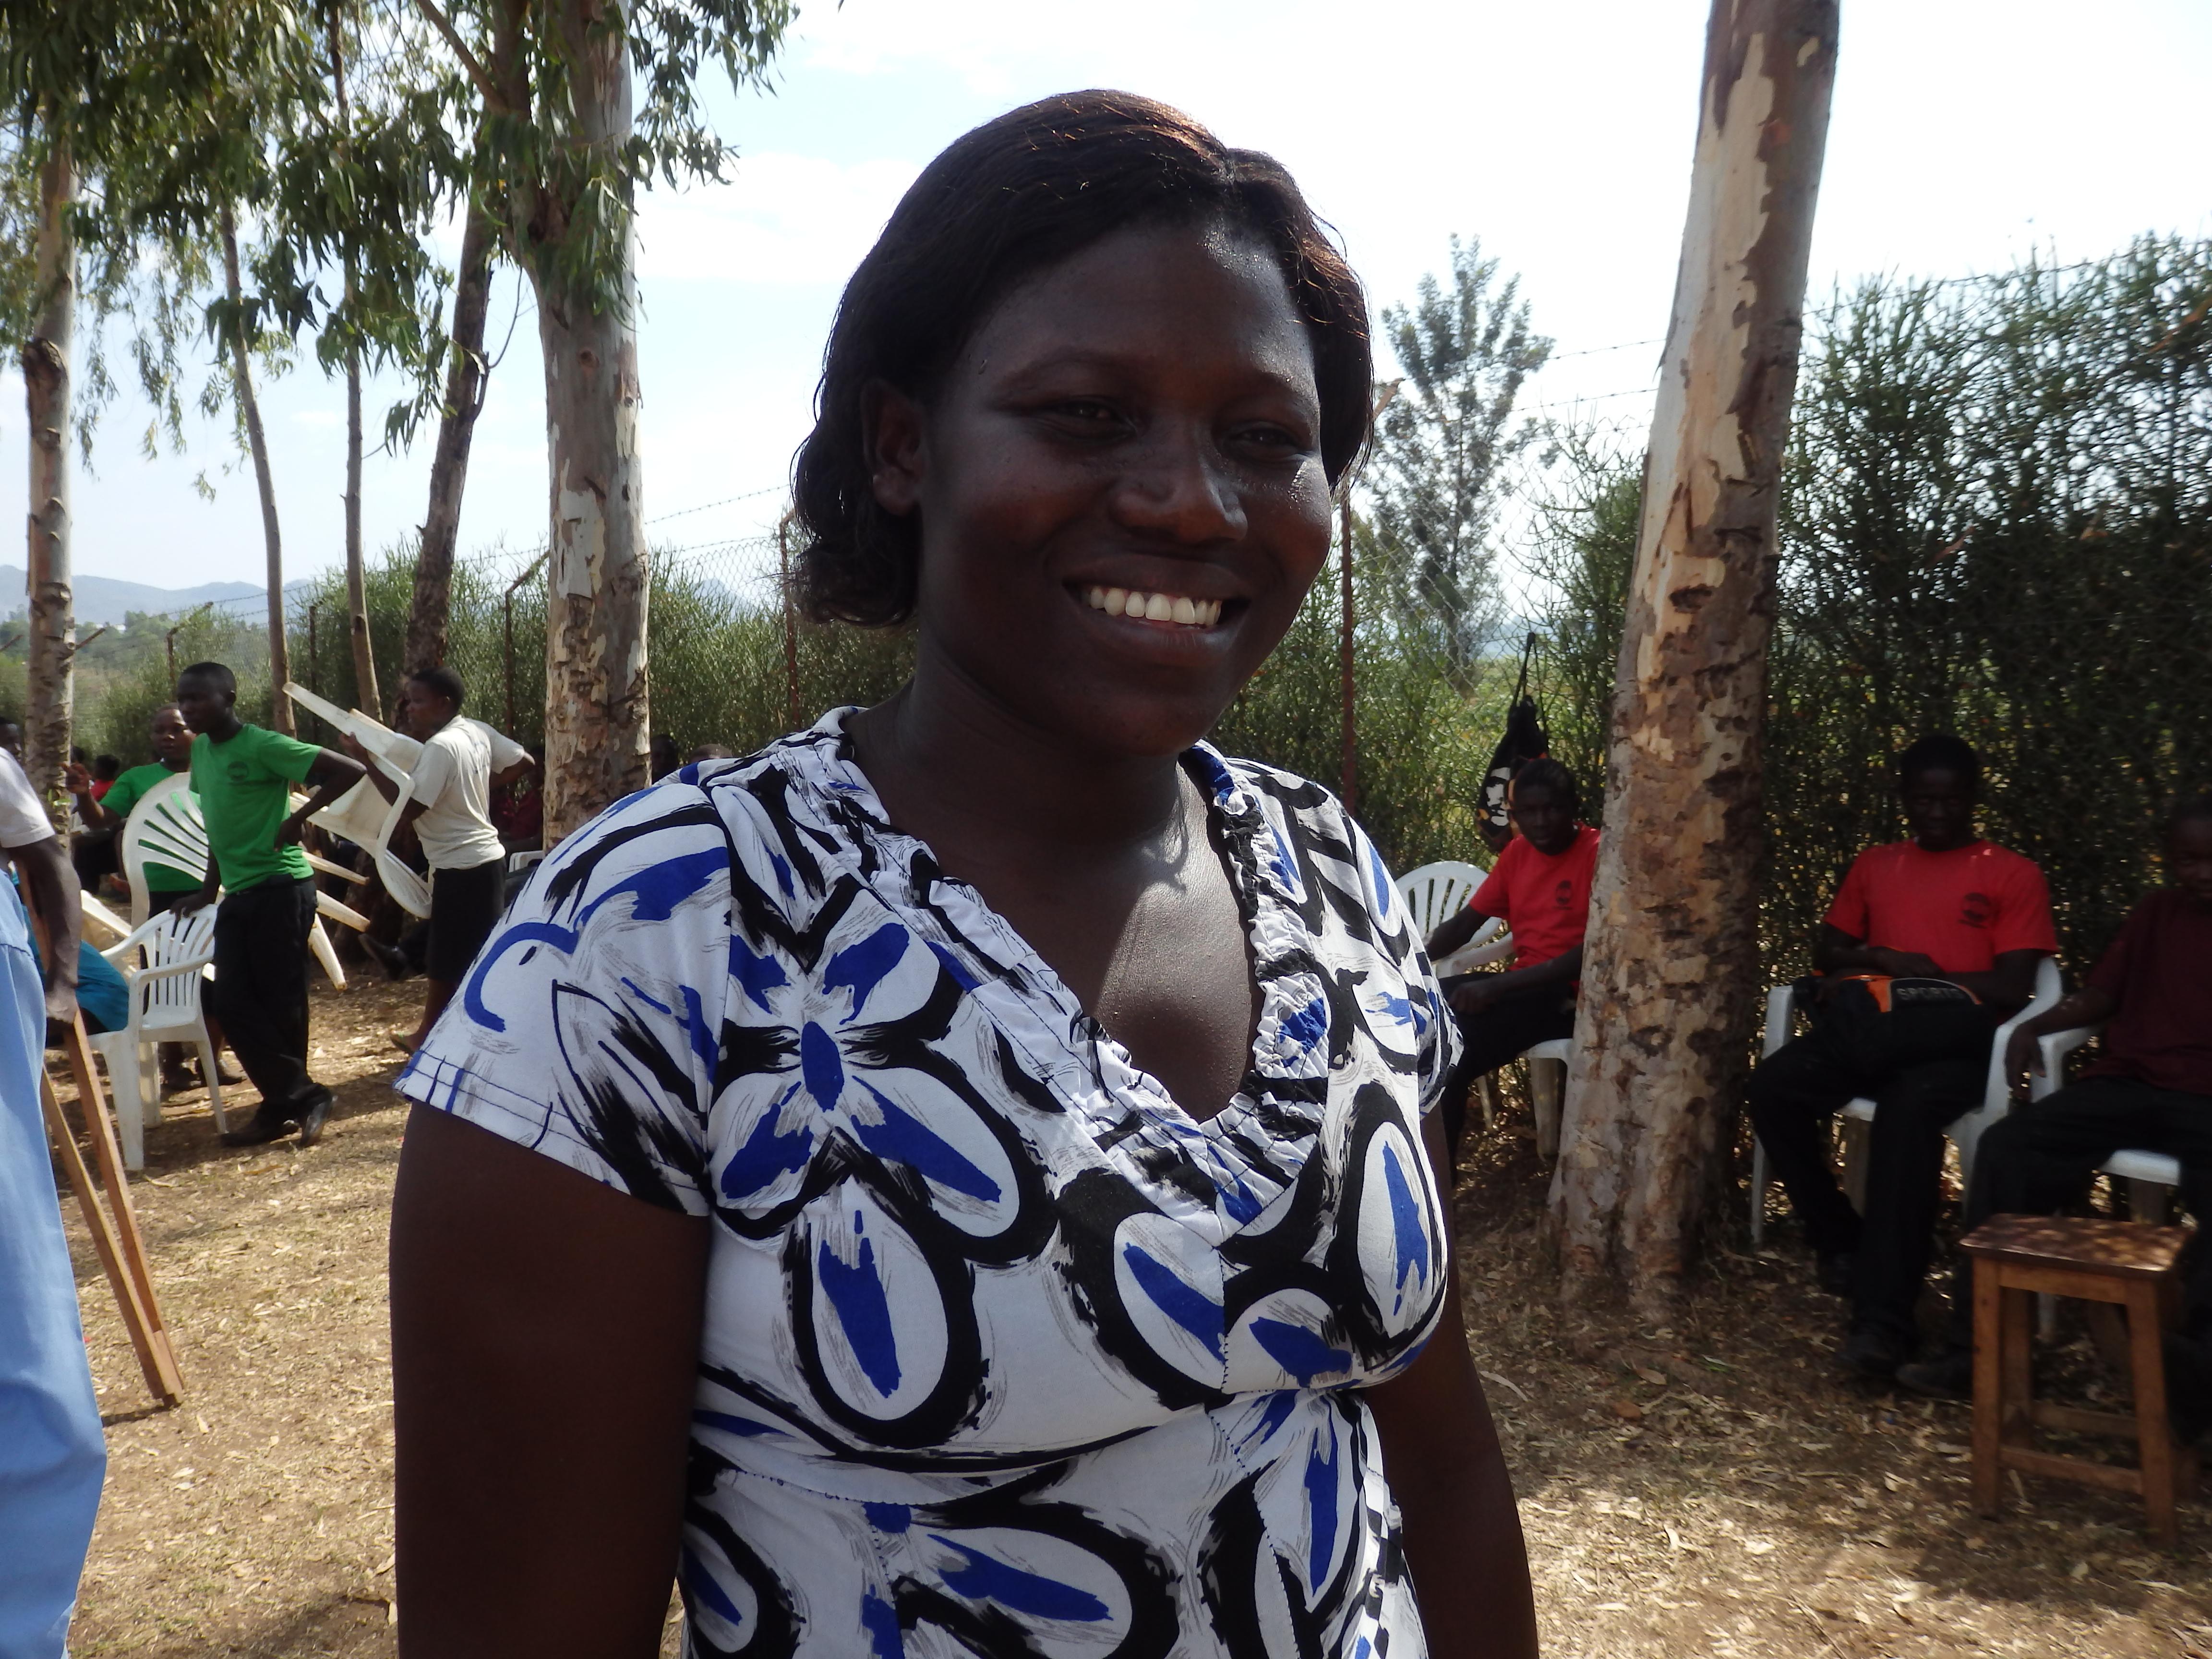 Frances Awori